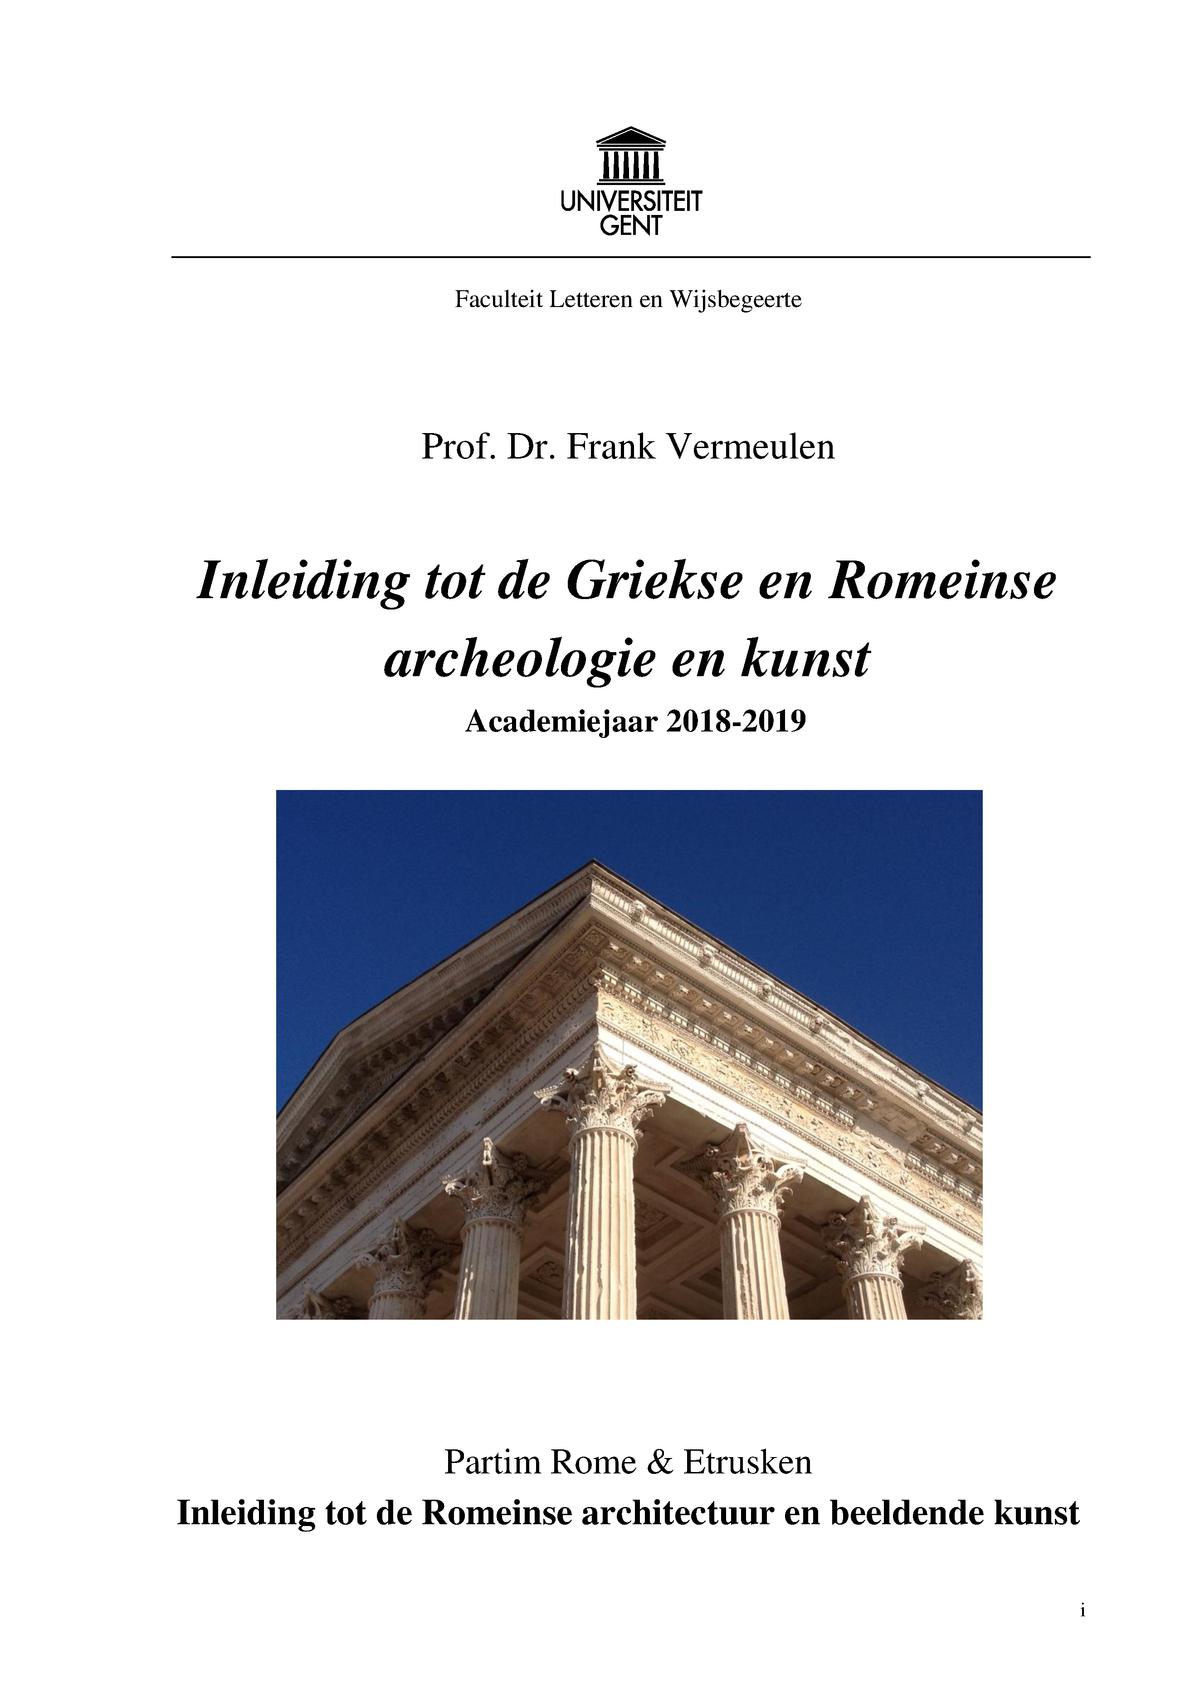 Zeer Syllabus Romeins en Etruskisch 2018 2019 - A003302: Inleiding tot #LT91